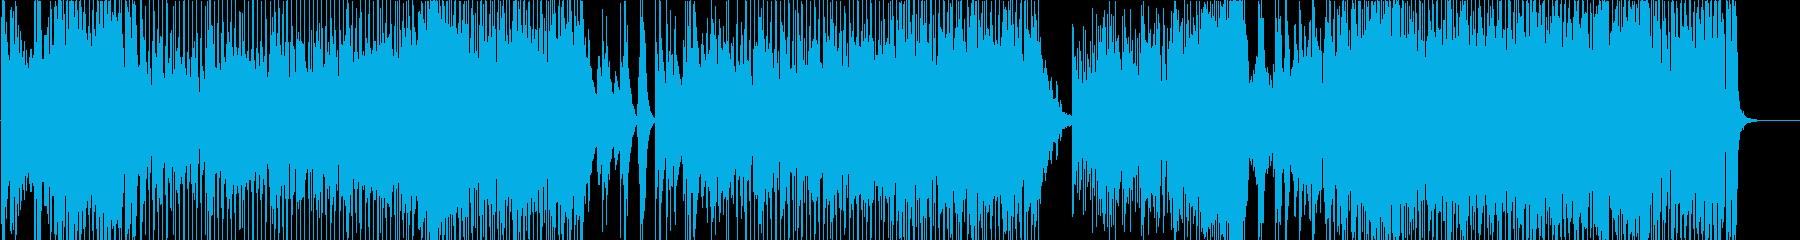 ラテン調の疾走感あふれるピアノ・トリオの再生済みの波形